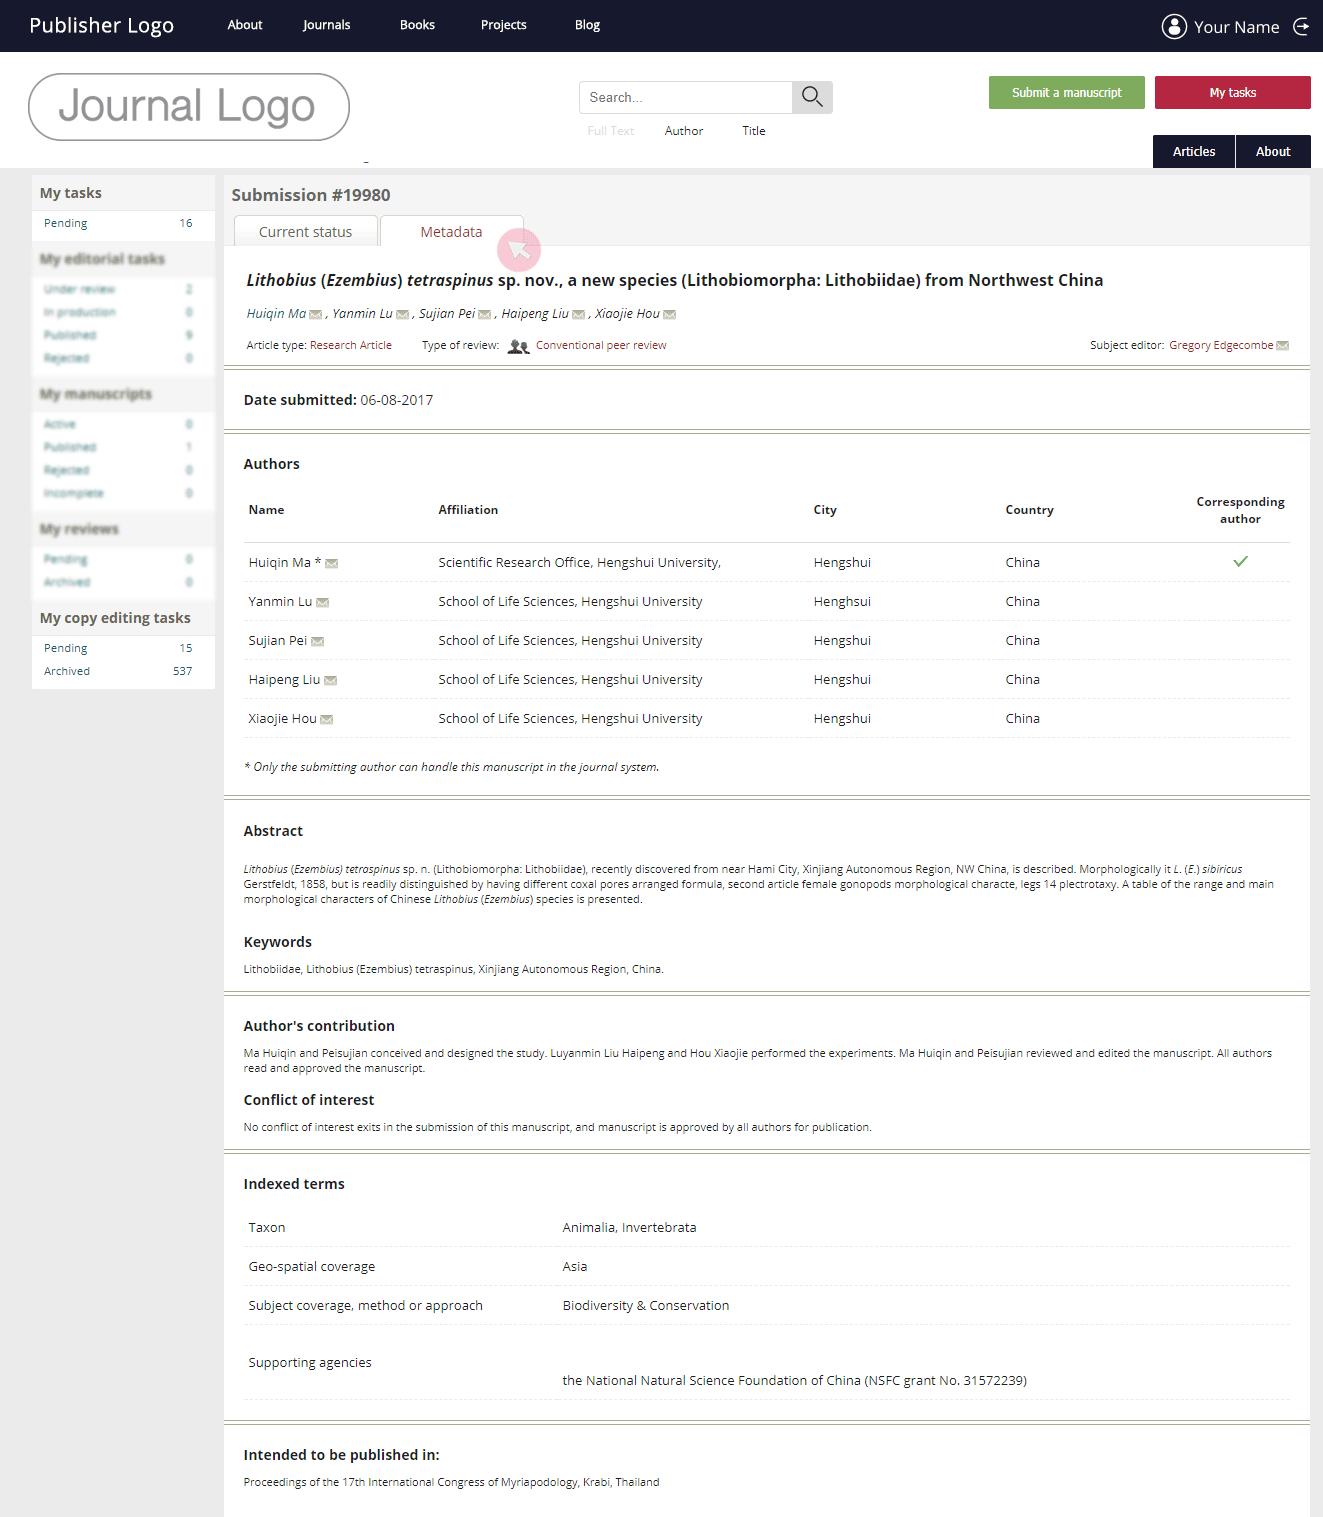 https://arphamanual.pensoft.net/i/manual/CE_metadata.png